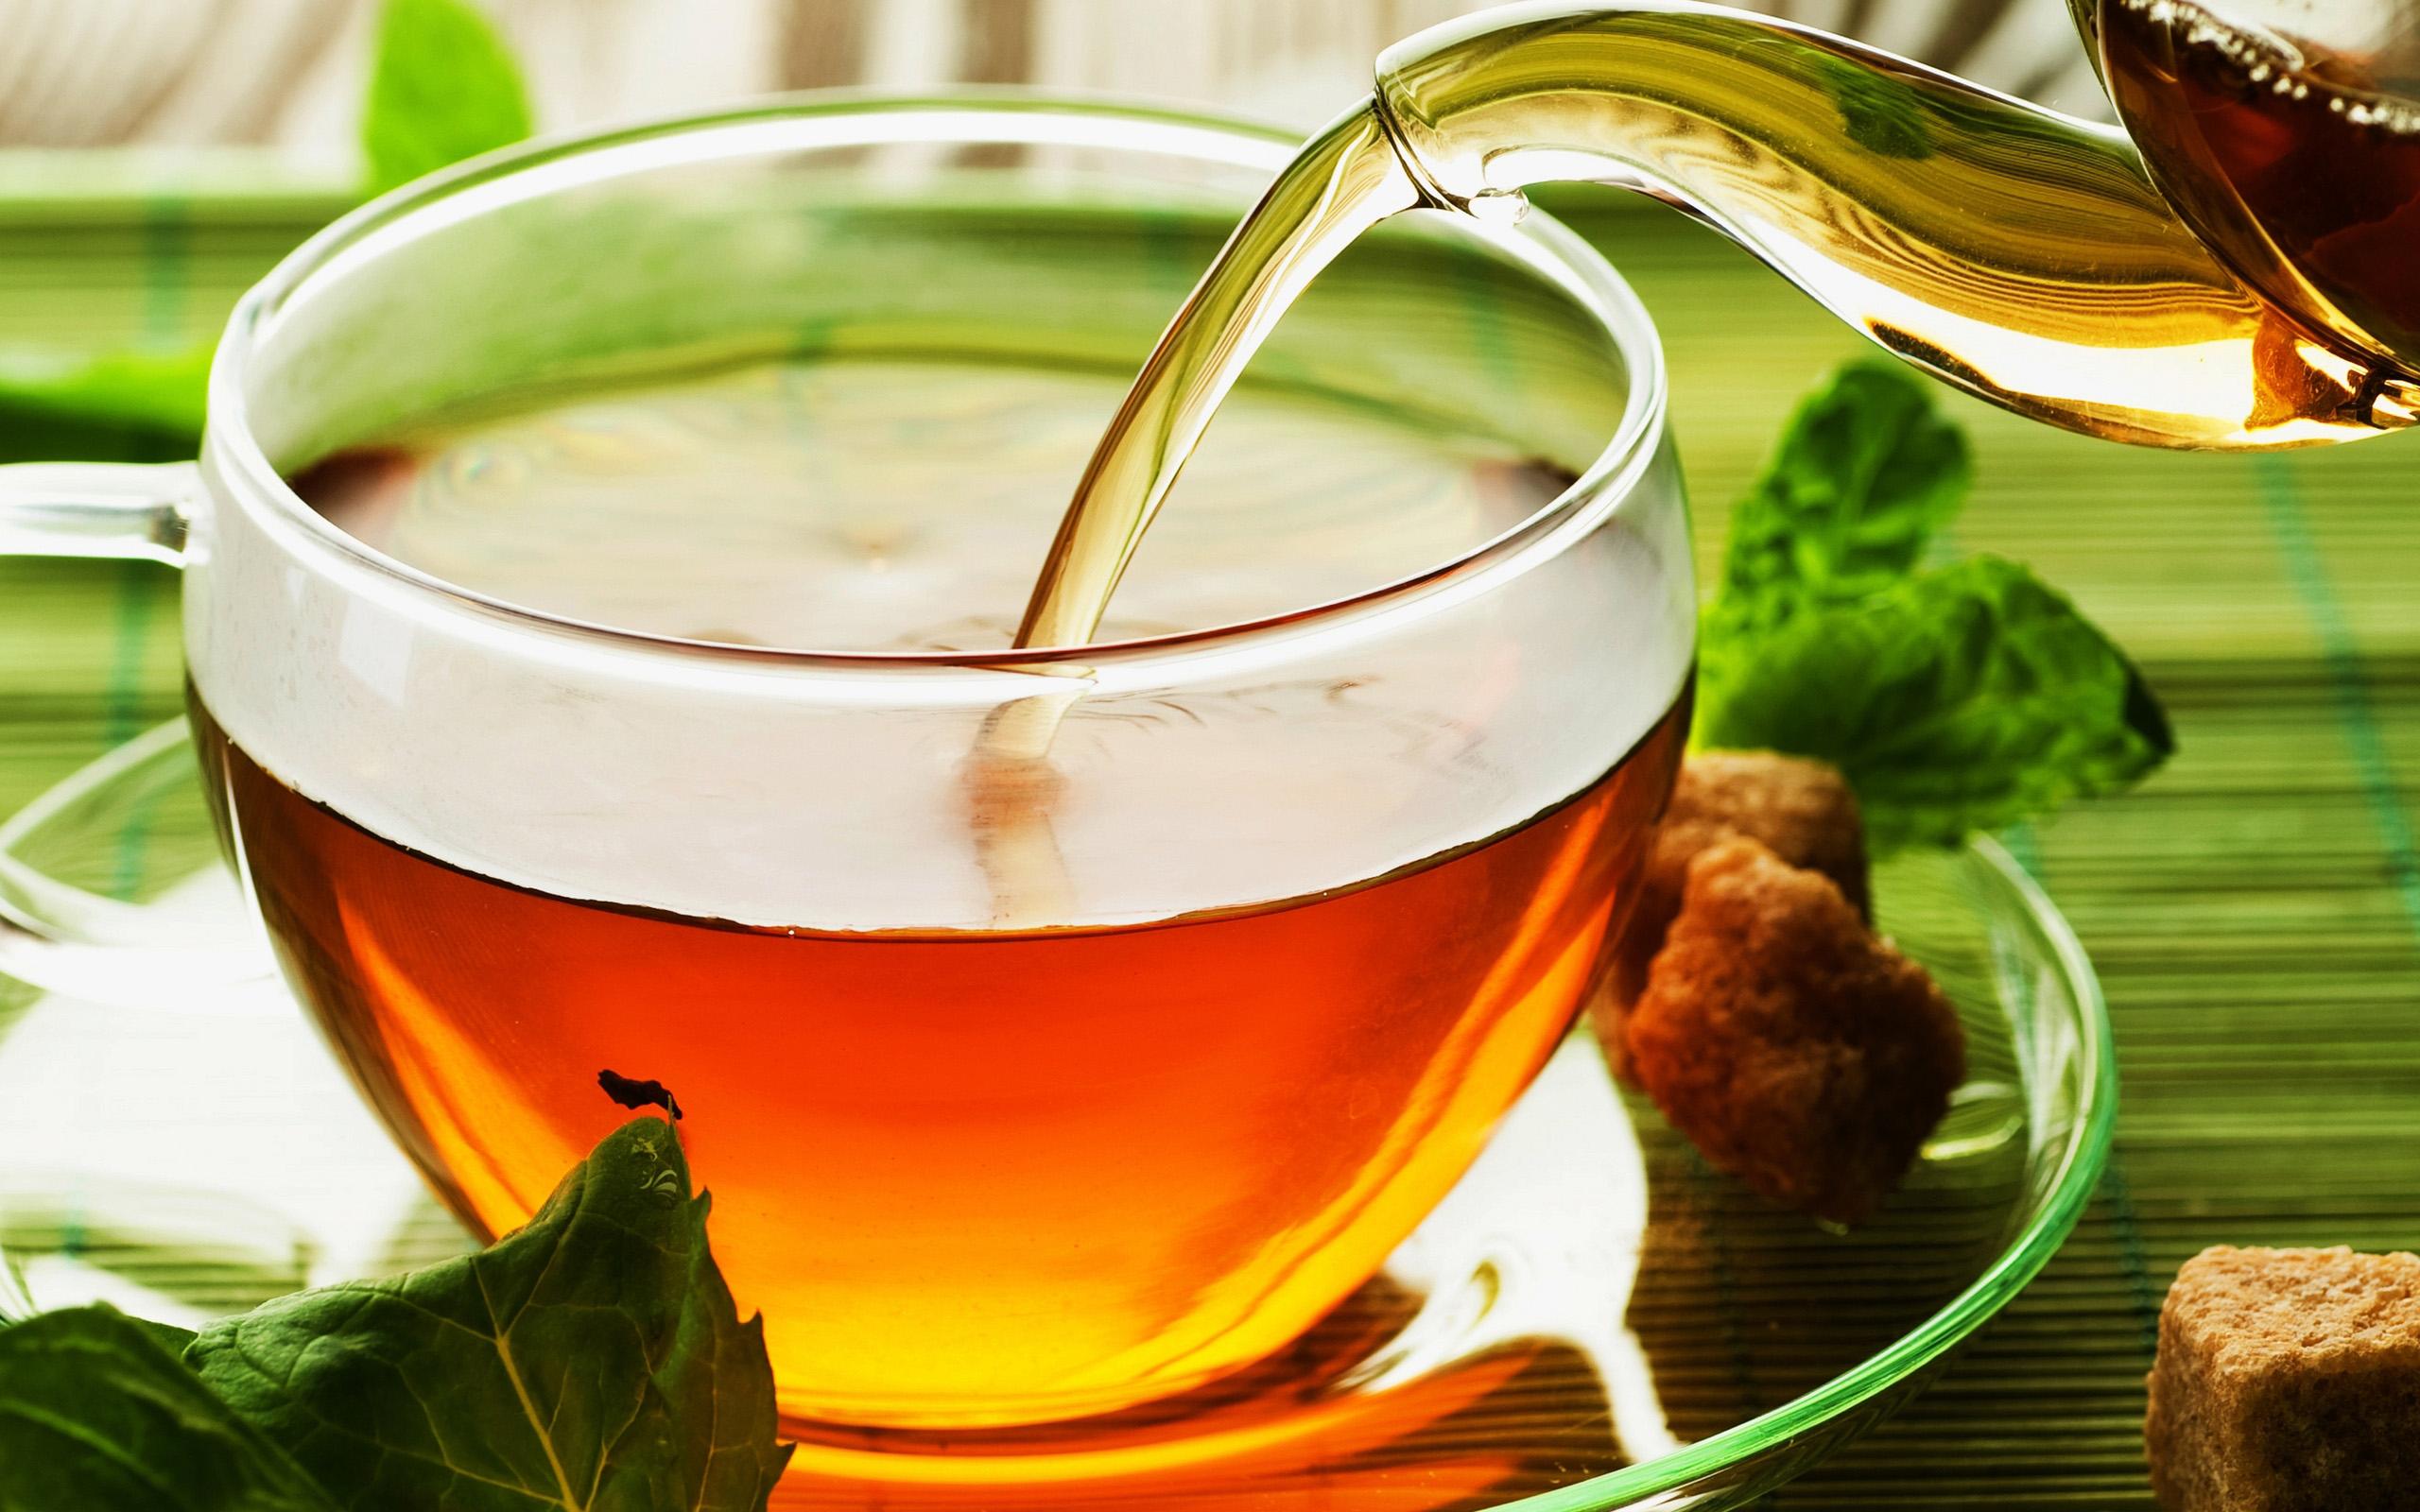 tea-preparation-preparazione-del-te